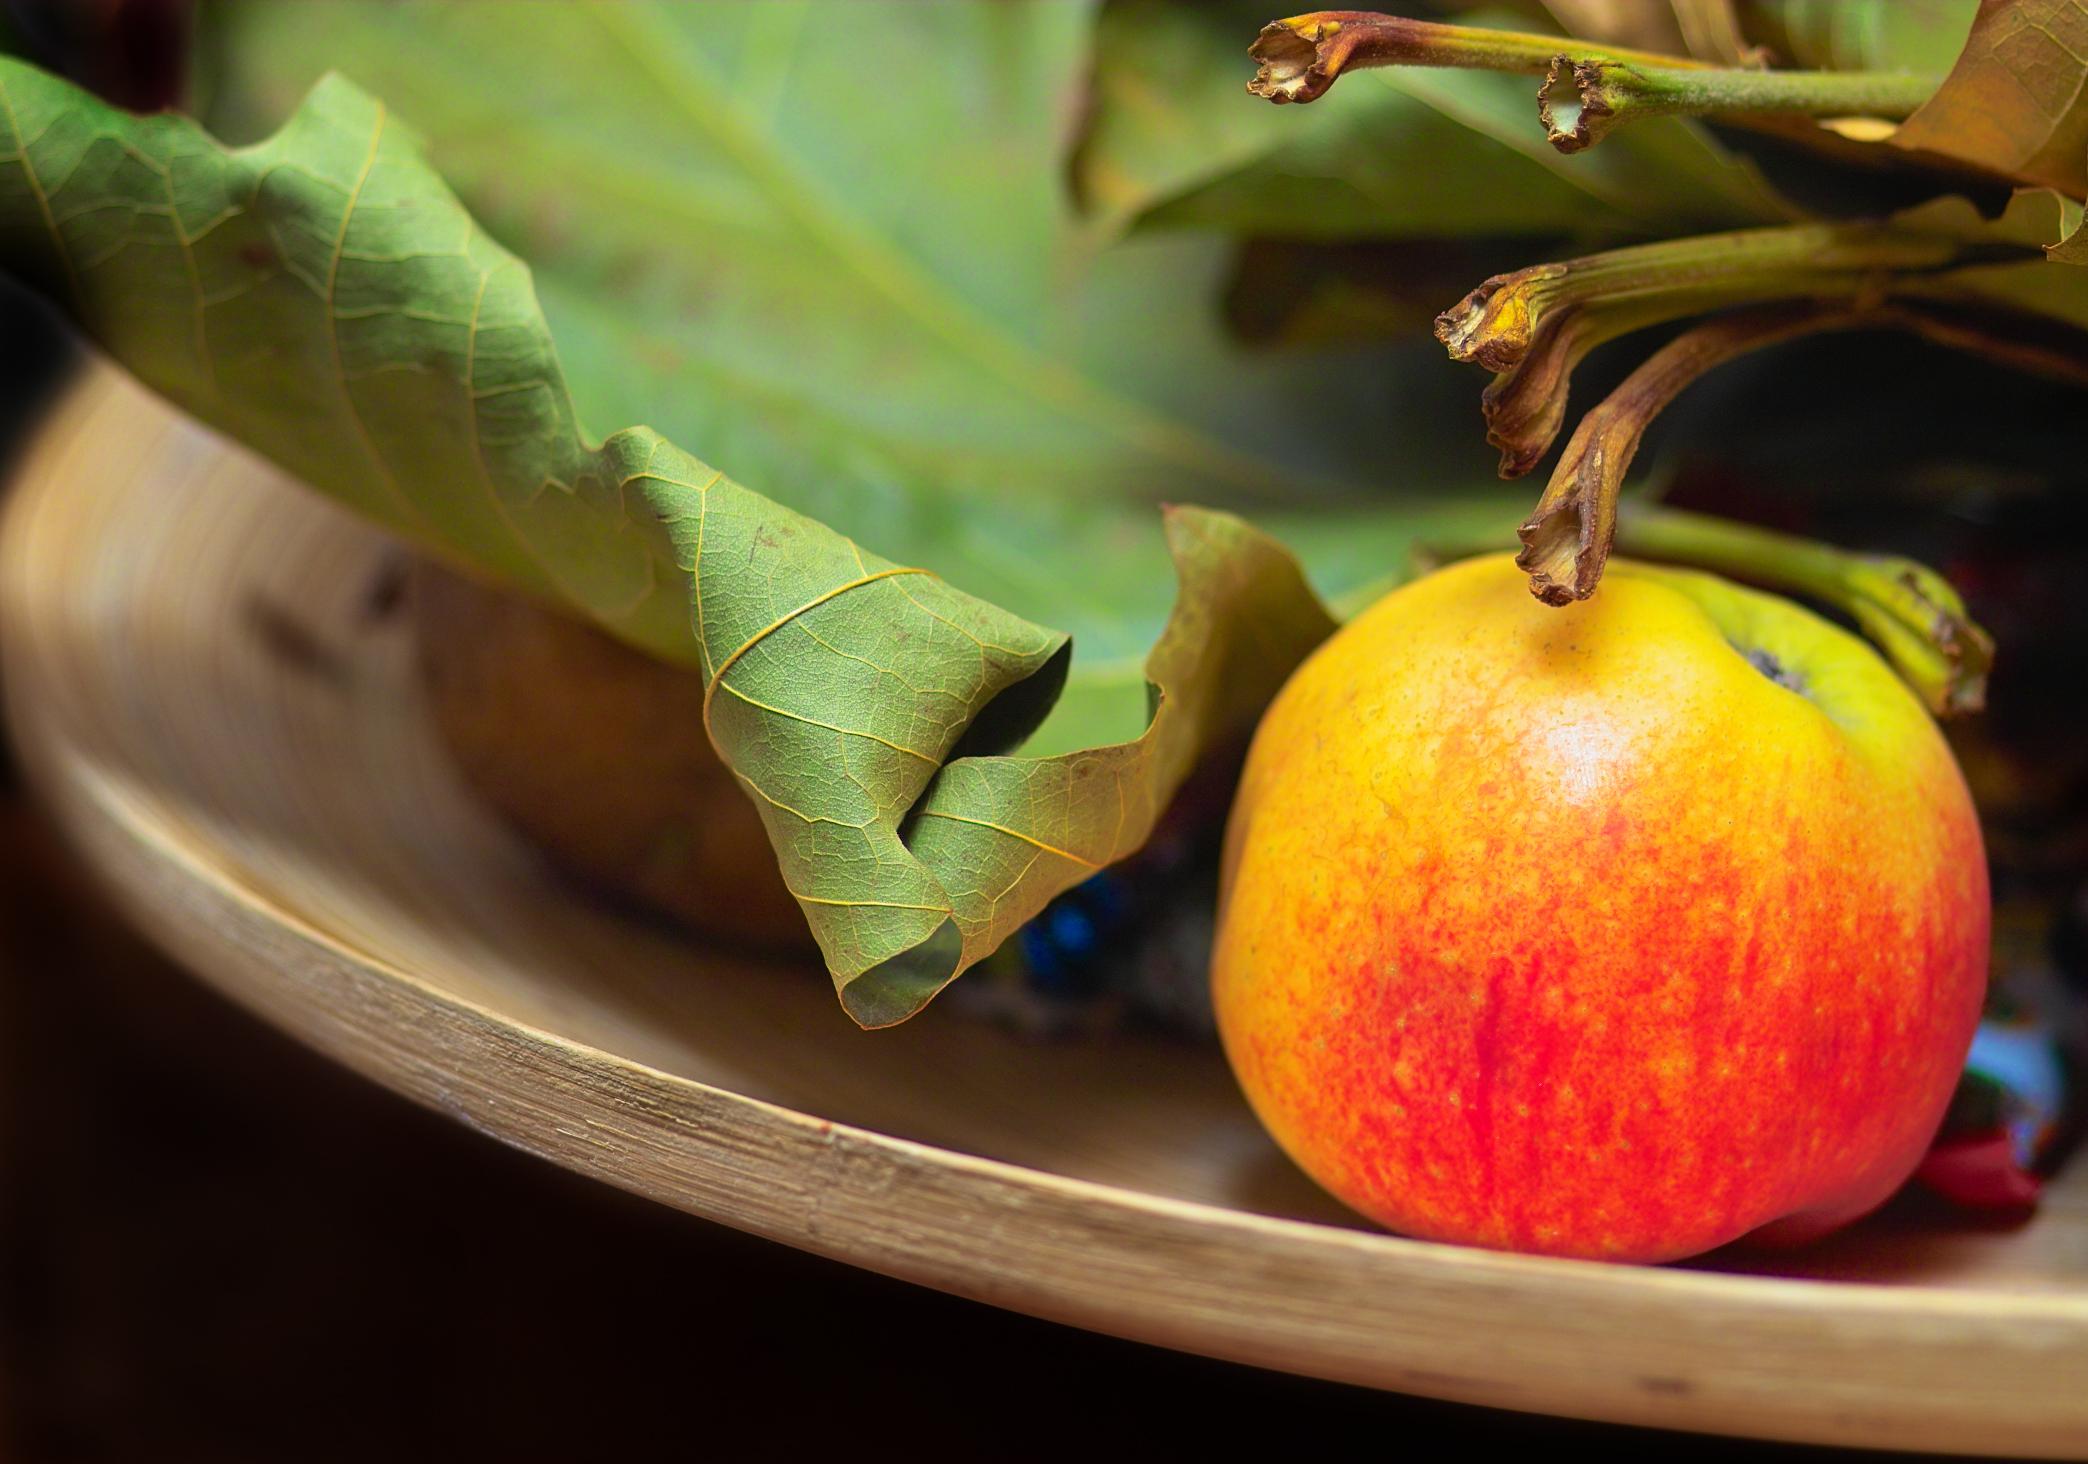 jablko na míse - bydleni nas bavi